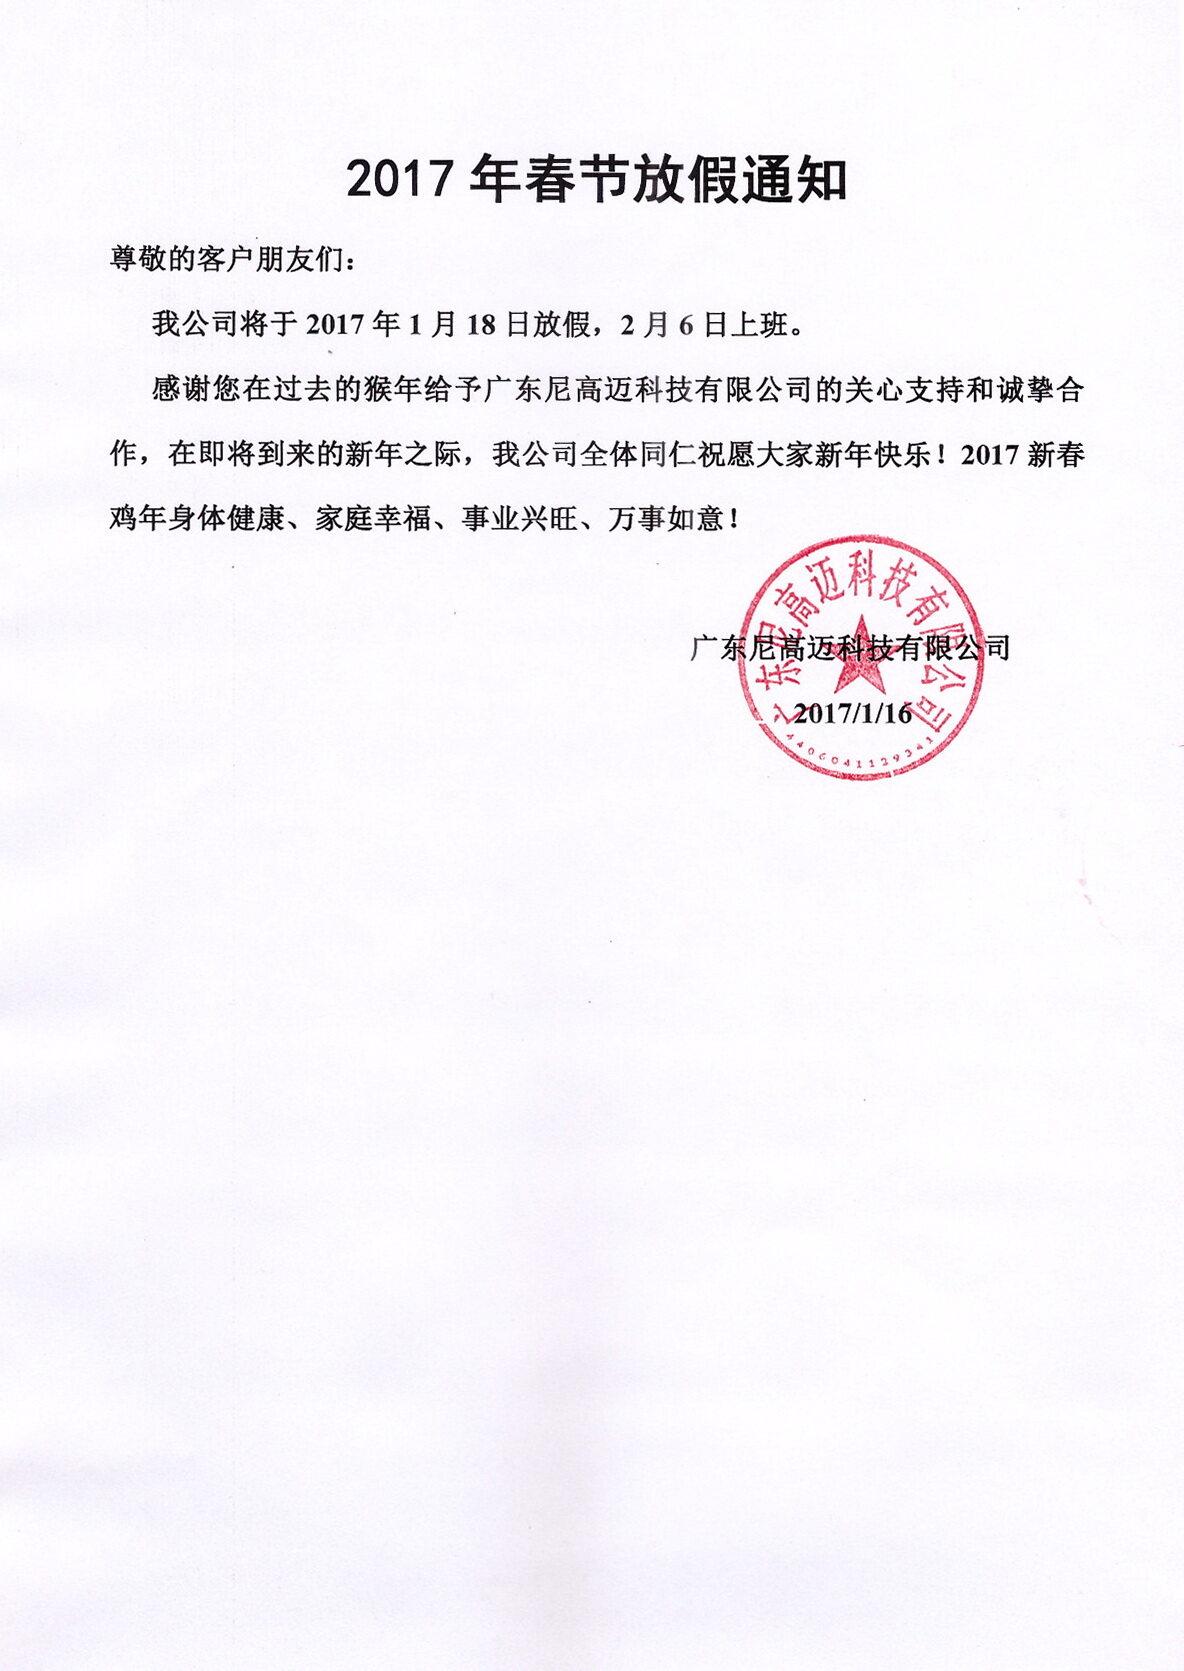 2017年春节放假通知-公司动态-广东尼高迈科技有限公司